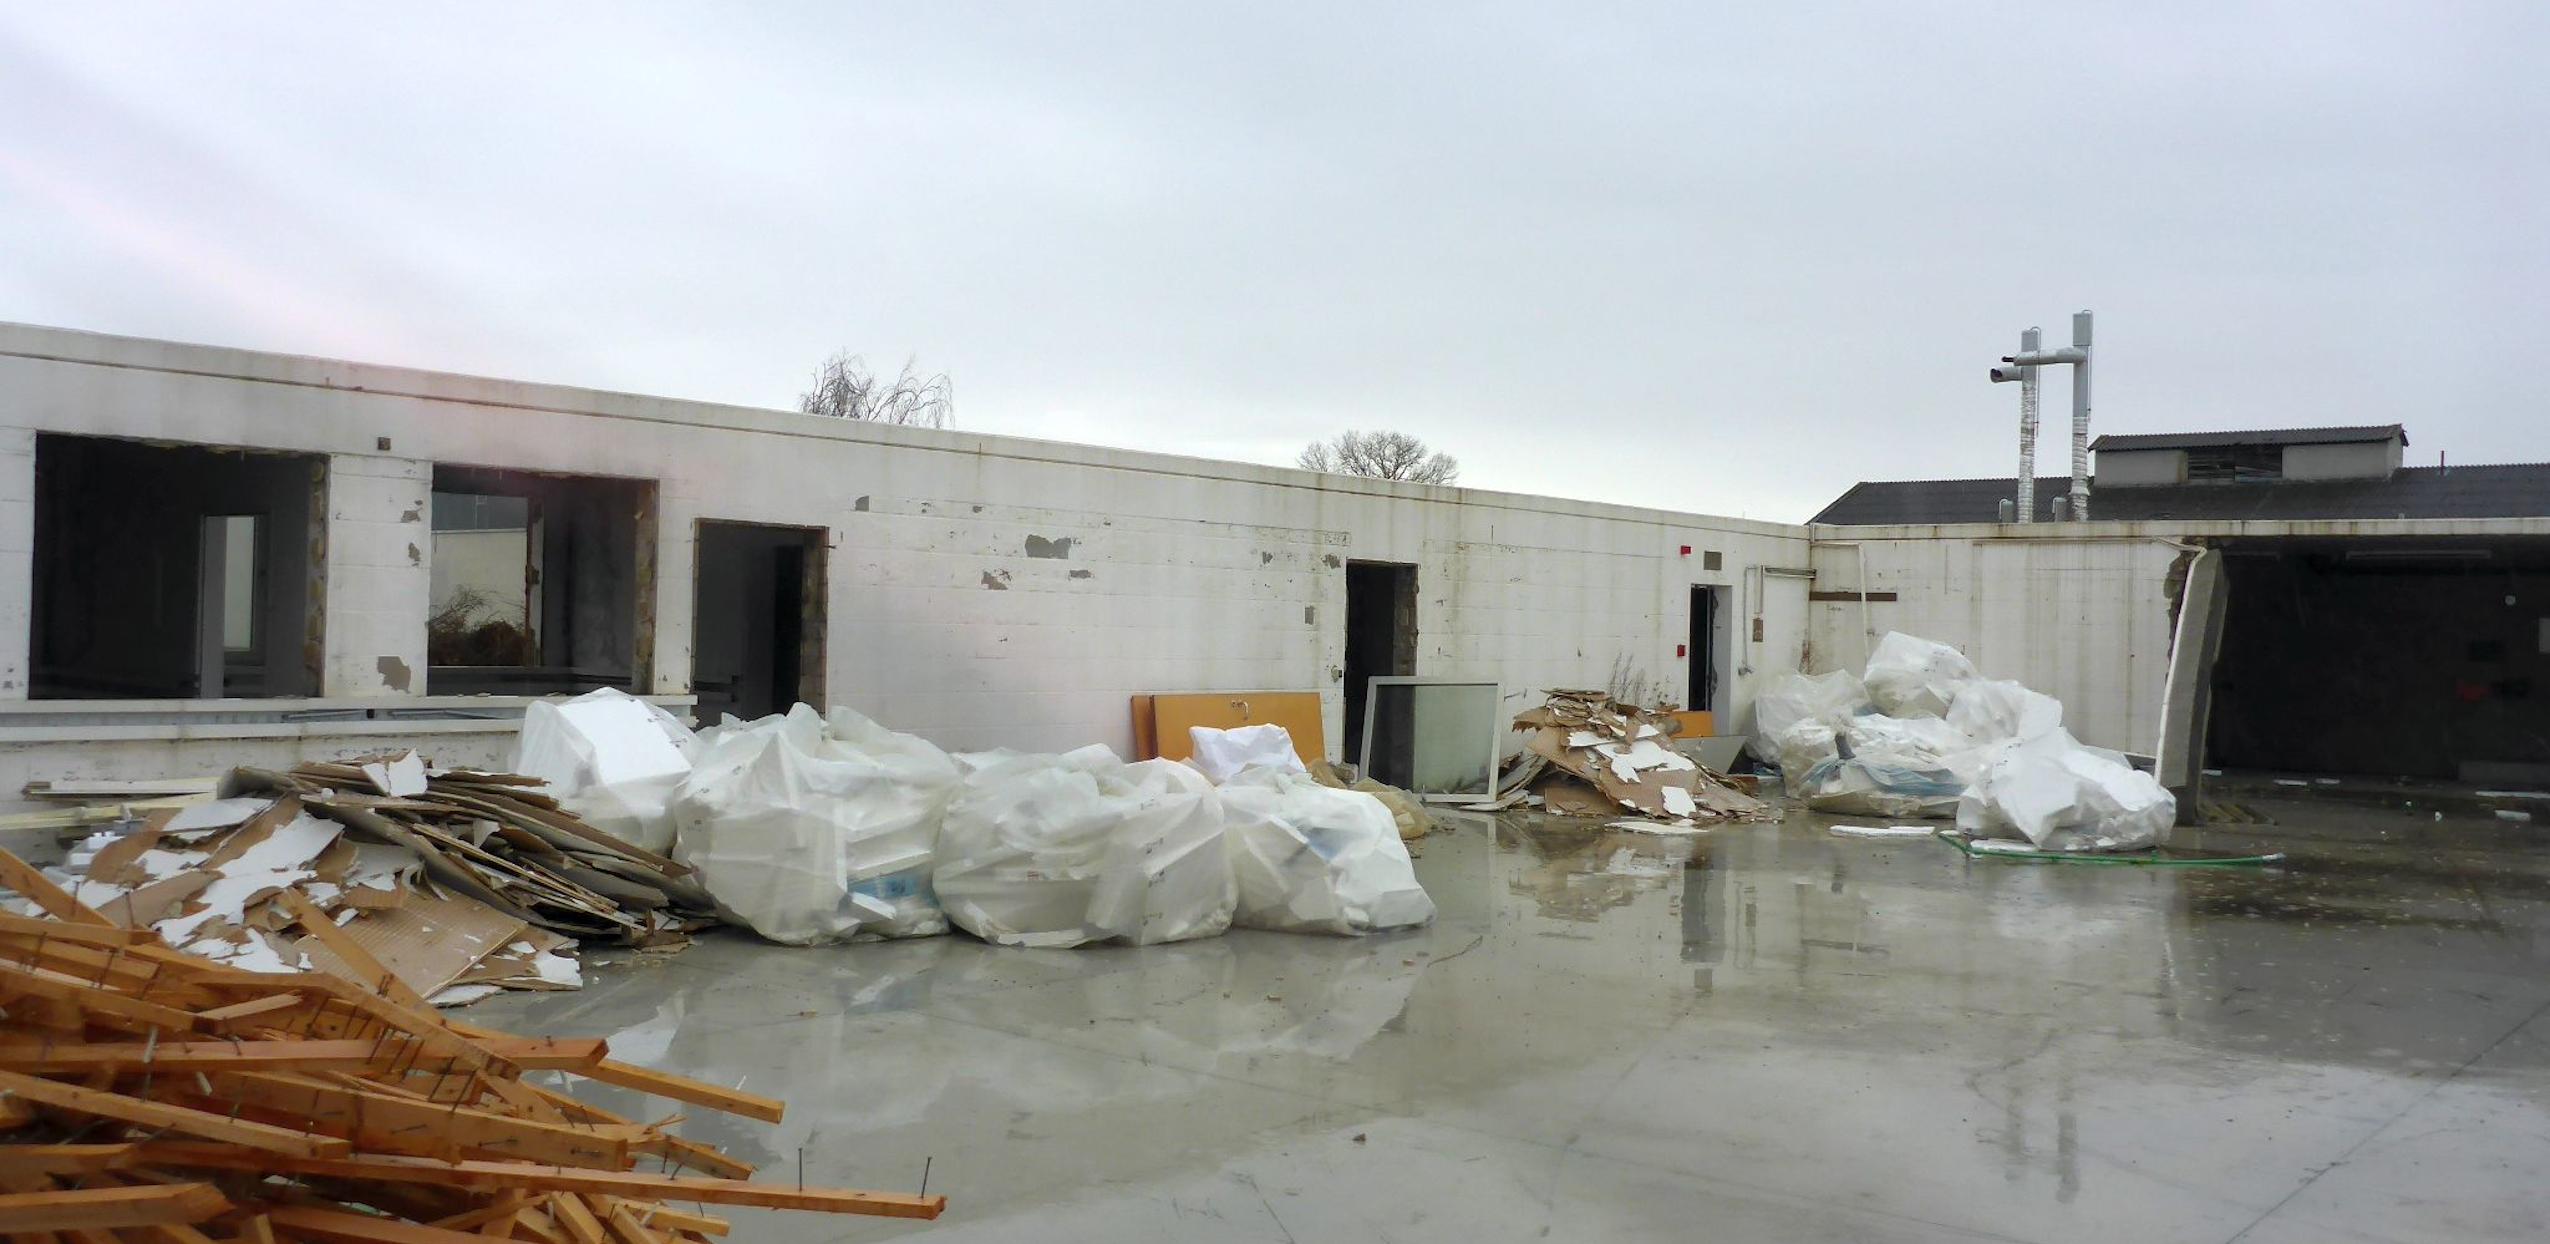 Das Bild zeigt eine halb abgerissene Halle auf Spinelli. Der Bauschutt ist nach Materialien sortiert.